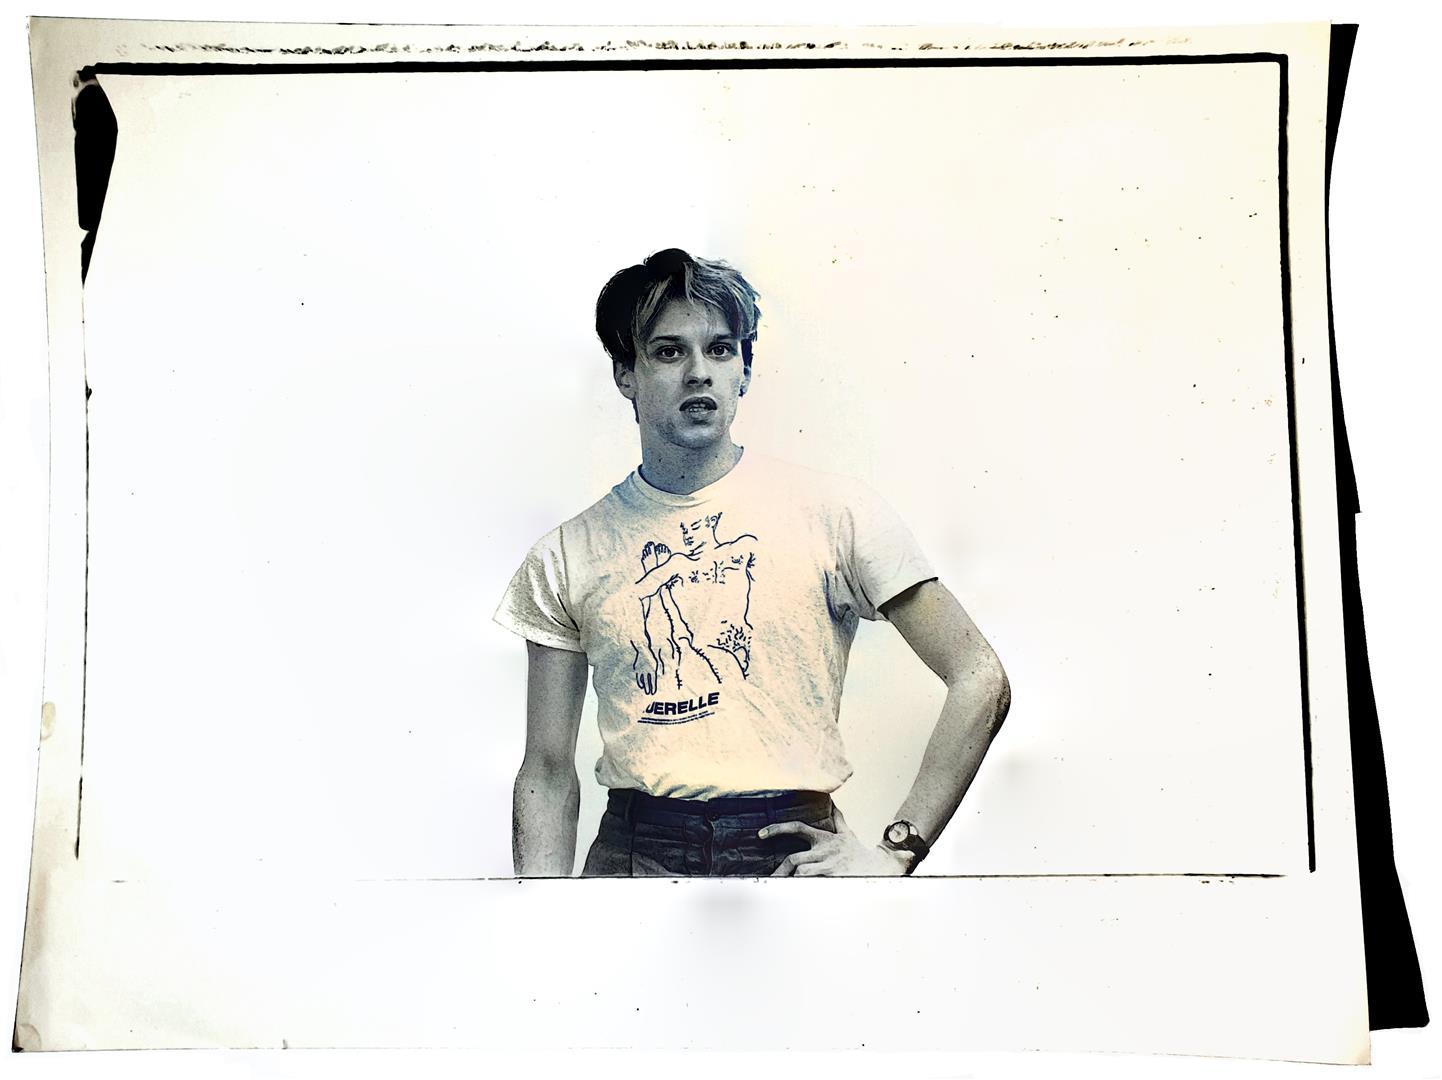 Peter-Robert Koenig 1983